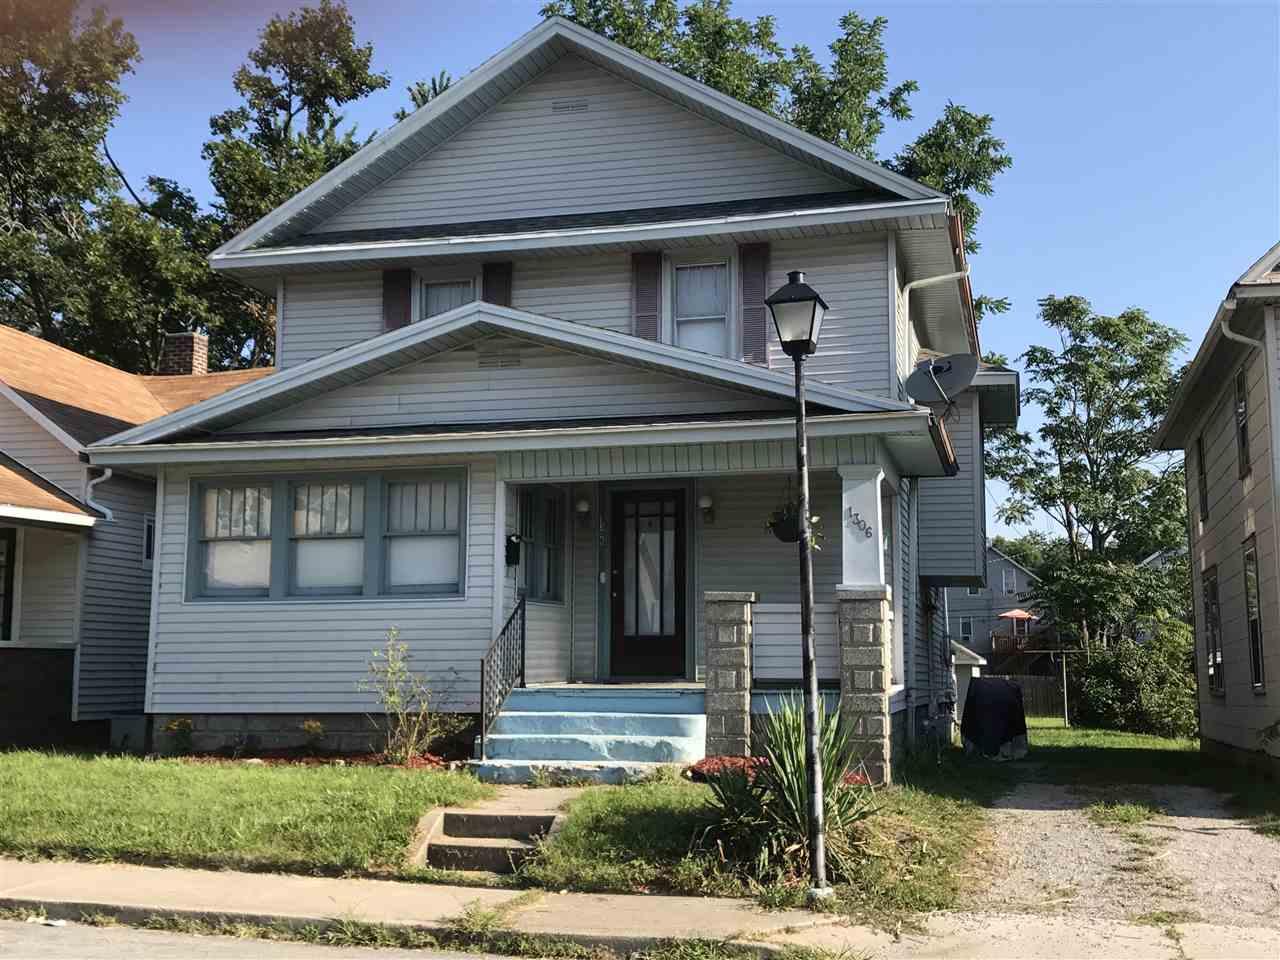 1306 Sinclair, Fort Wayne, IN 46808